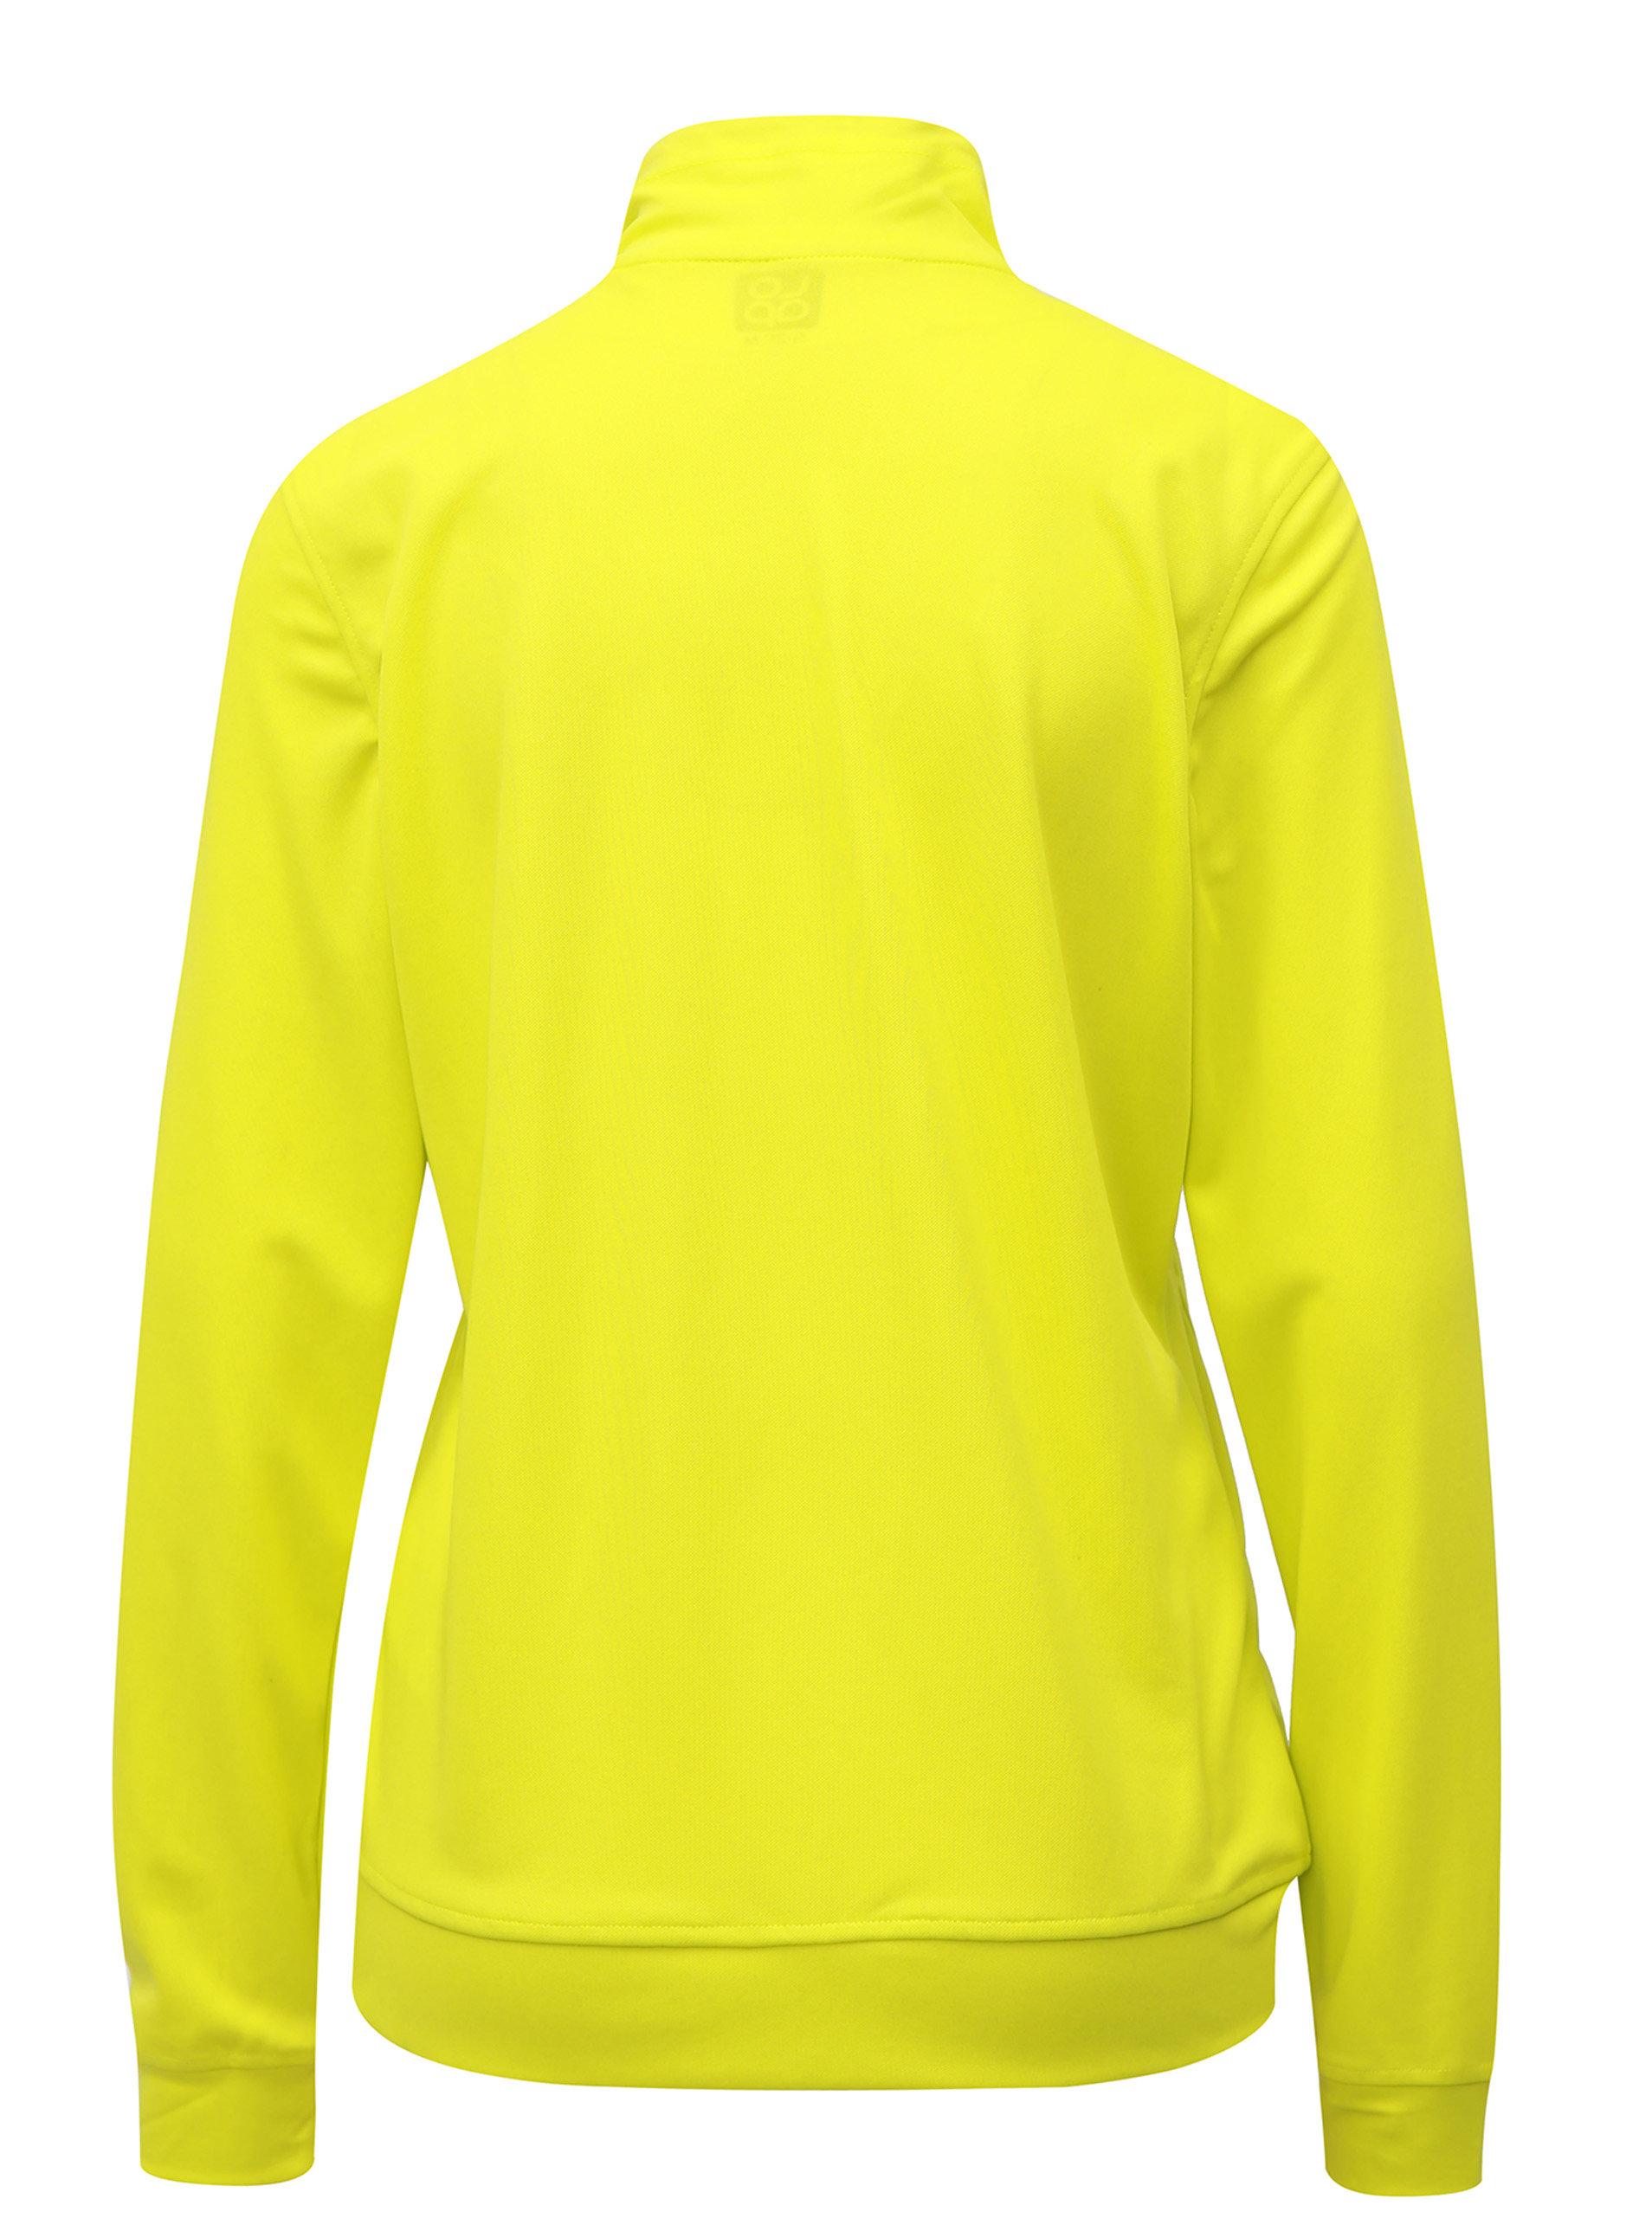 Neonově žlutá dámská lehká mikina LOAP Margo - Akční cena  b362866b67